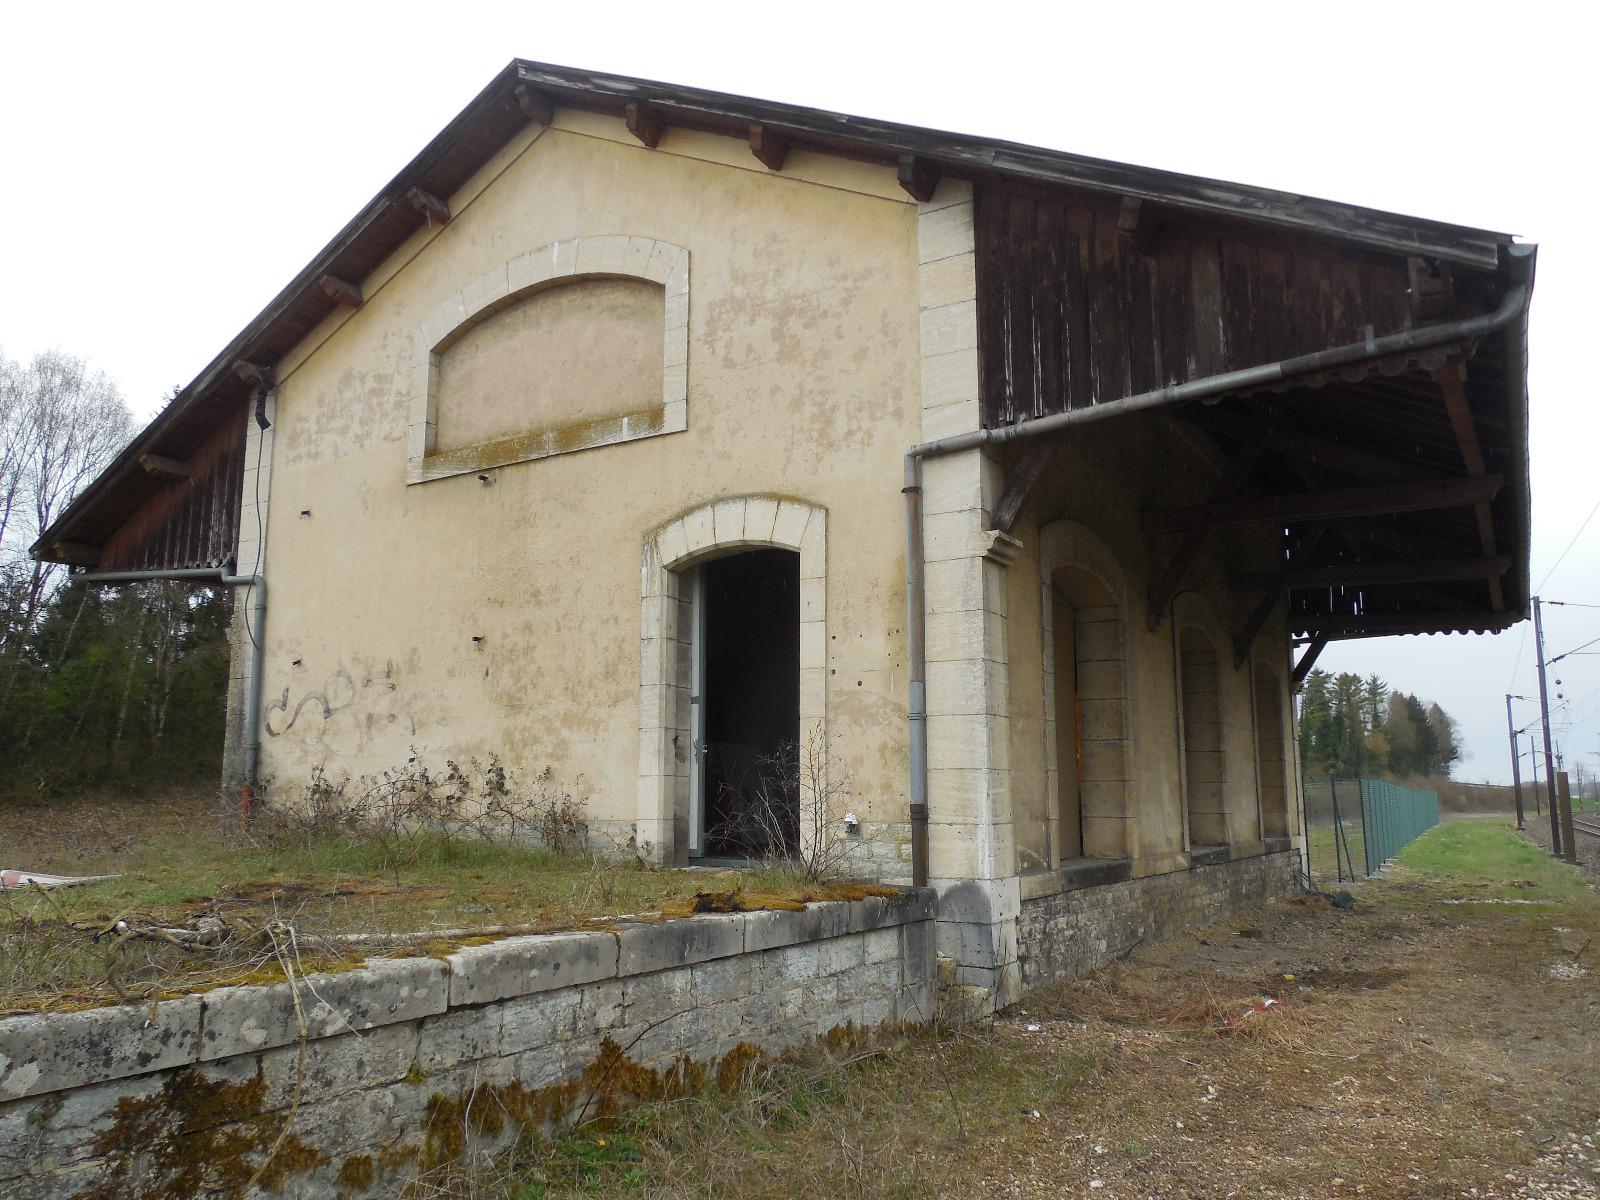 A vendre axe dole besancon local de 120 m sur 35 ares de terrain clos 3d immobilier - Frais de notaire achat garage ...